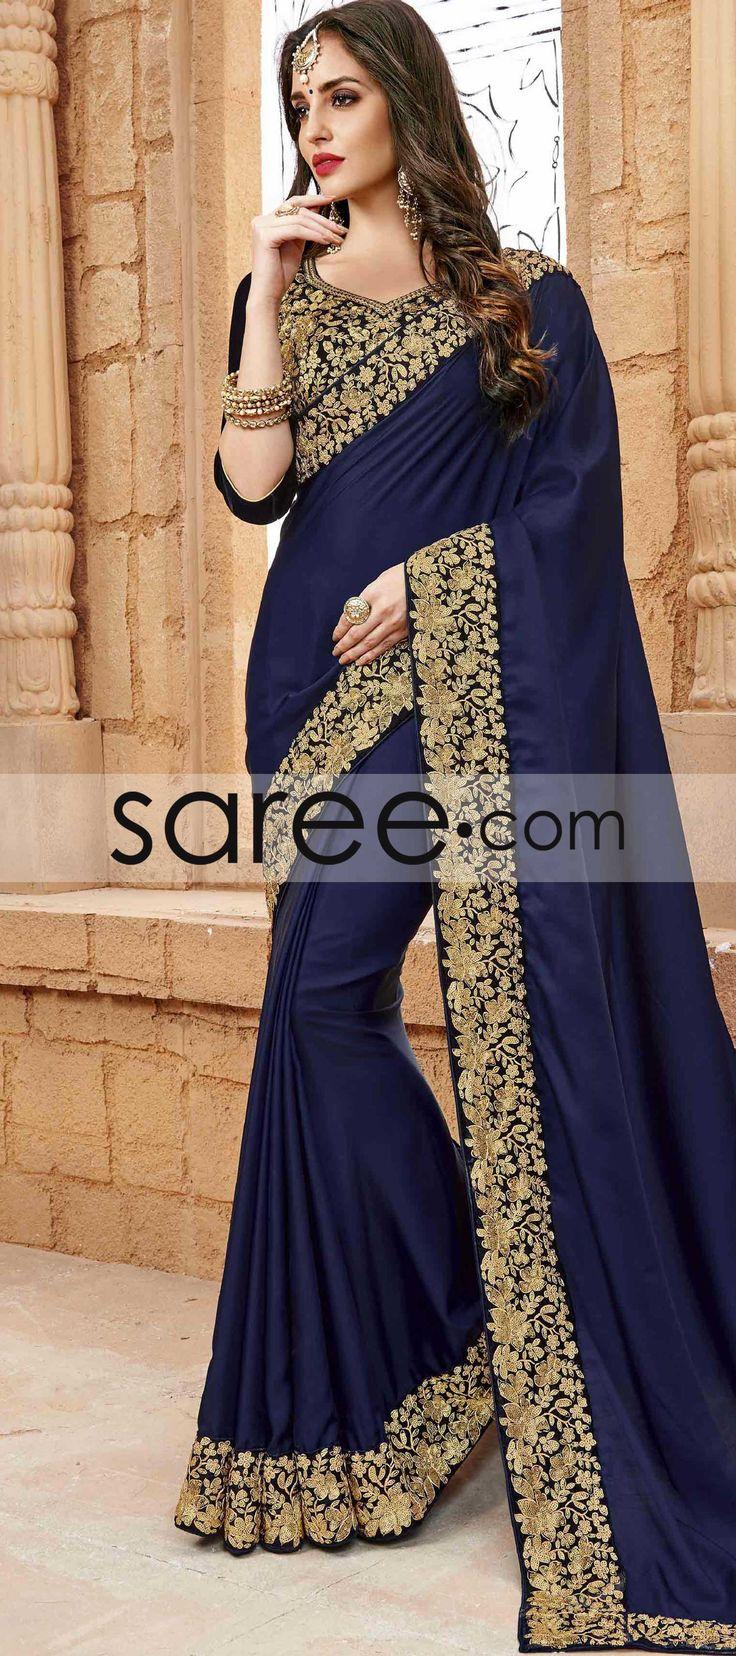 BLUE CREPE SILK SAREE WITH LACE WORK  #Saree #ChiffonSarees  #GeorgetteSarees #IndianSaree #Sarees  #SilkSarees #PartywearSarees #WeddingSarees #BuyOnline #OnlieSarees #NetSarees #DesignerSarees #SareeFashion